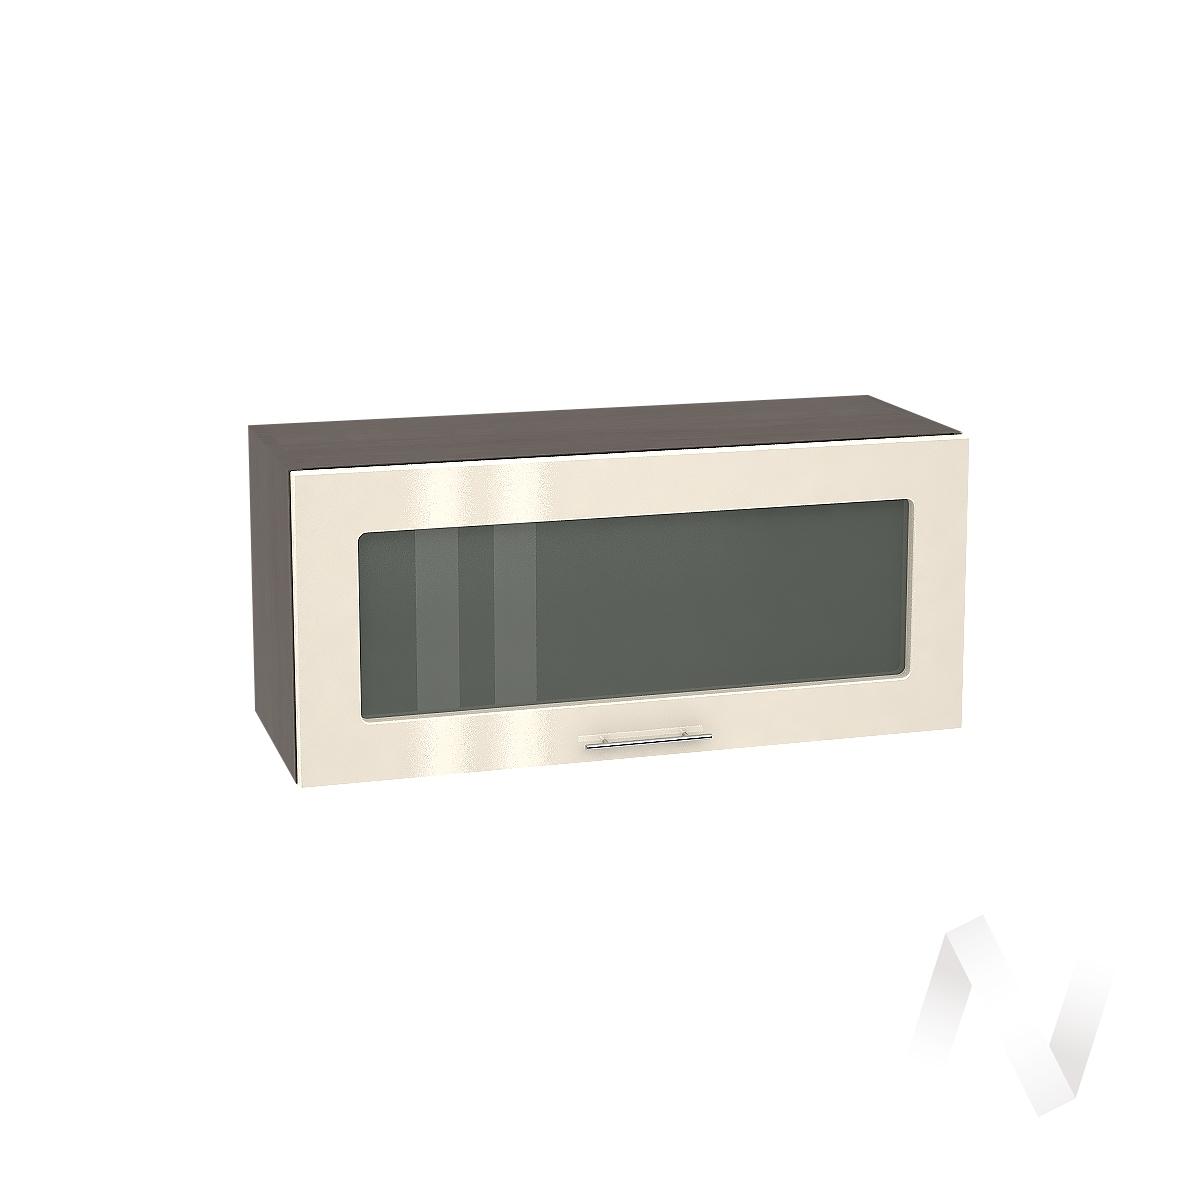 """Кухня """"Валерия-М"""": Шкаф верхний горизонтальный со стеклом 800, ШВГС 800 (Ваниль глянец/корпус венге)"""